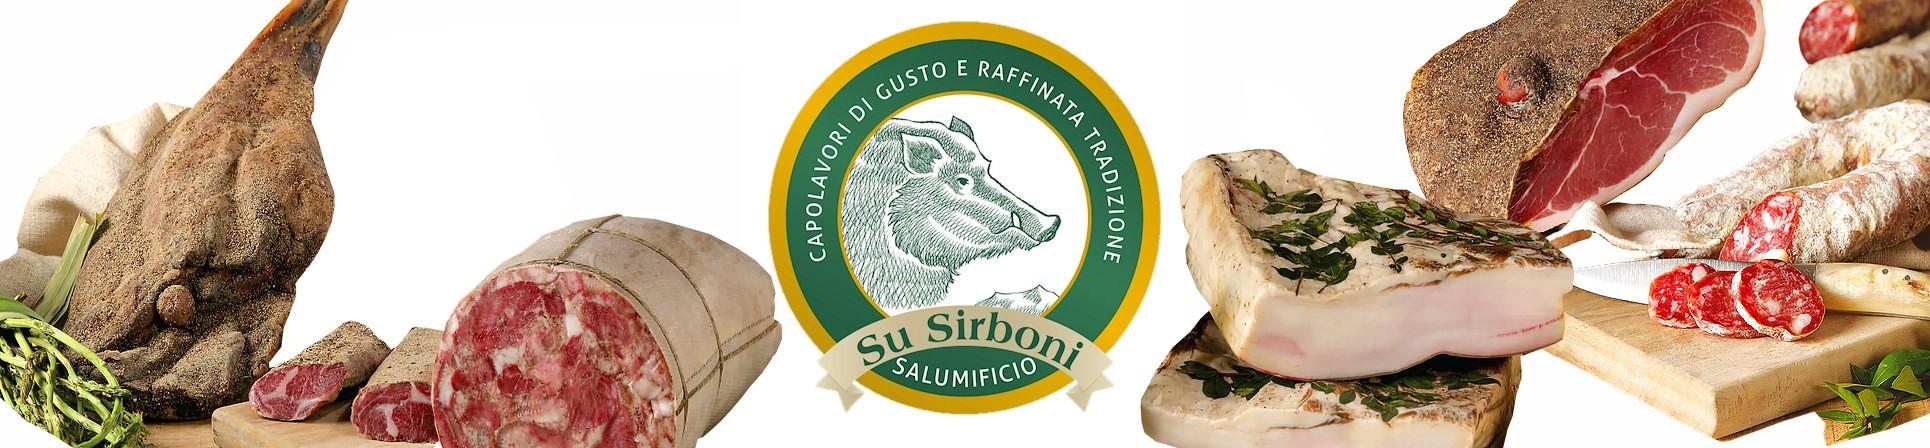 B2B GUSTOX - il Marketplace all'ingrosso delle eccellenze agroalimentari italiane - Salumificio Su Sirboni